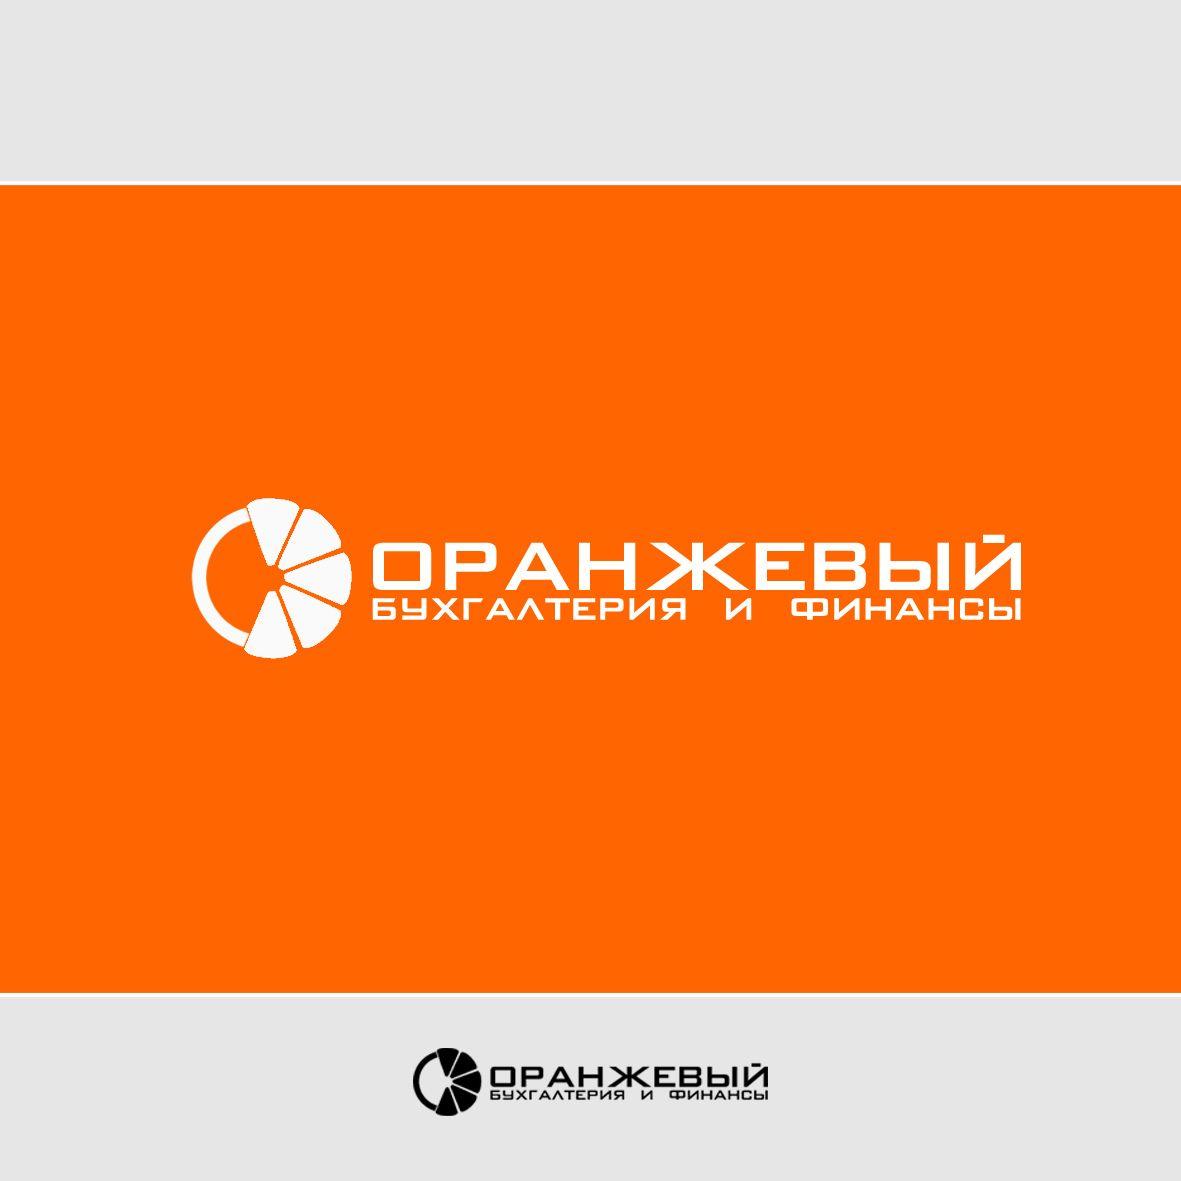 Логотип Финансовой Организации - дизайнер weste32